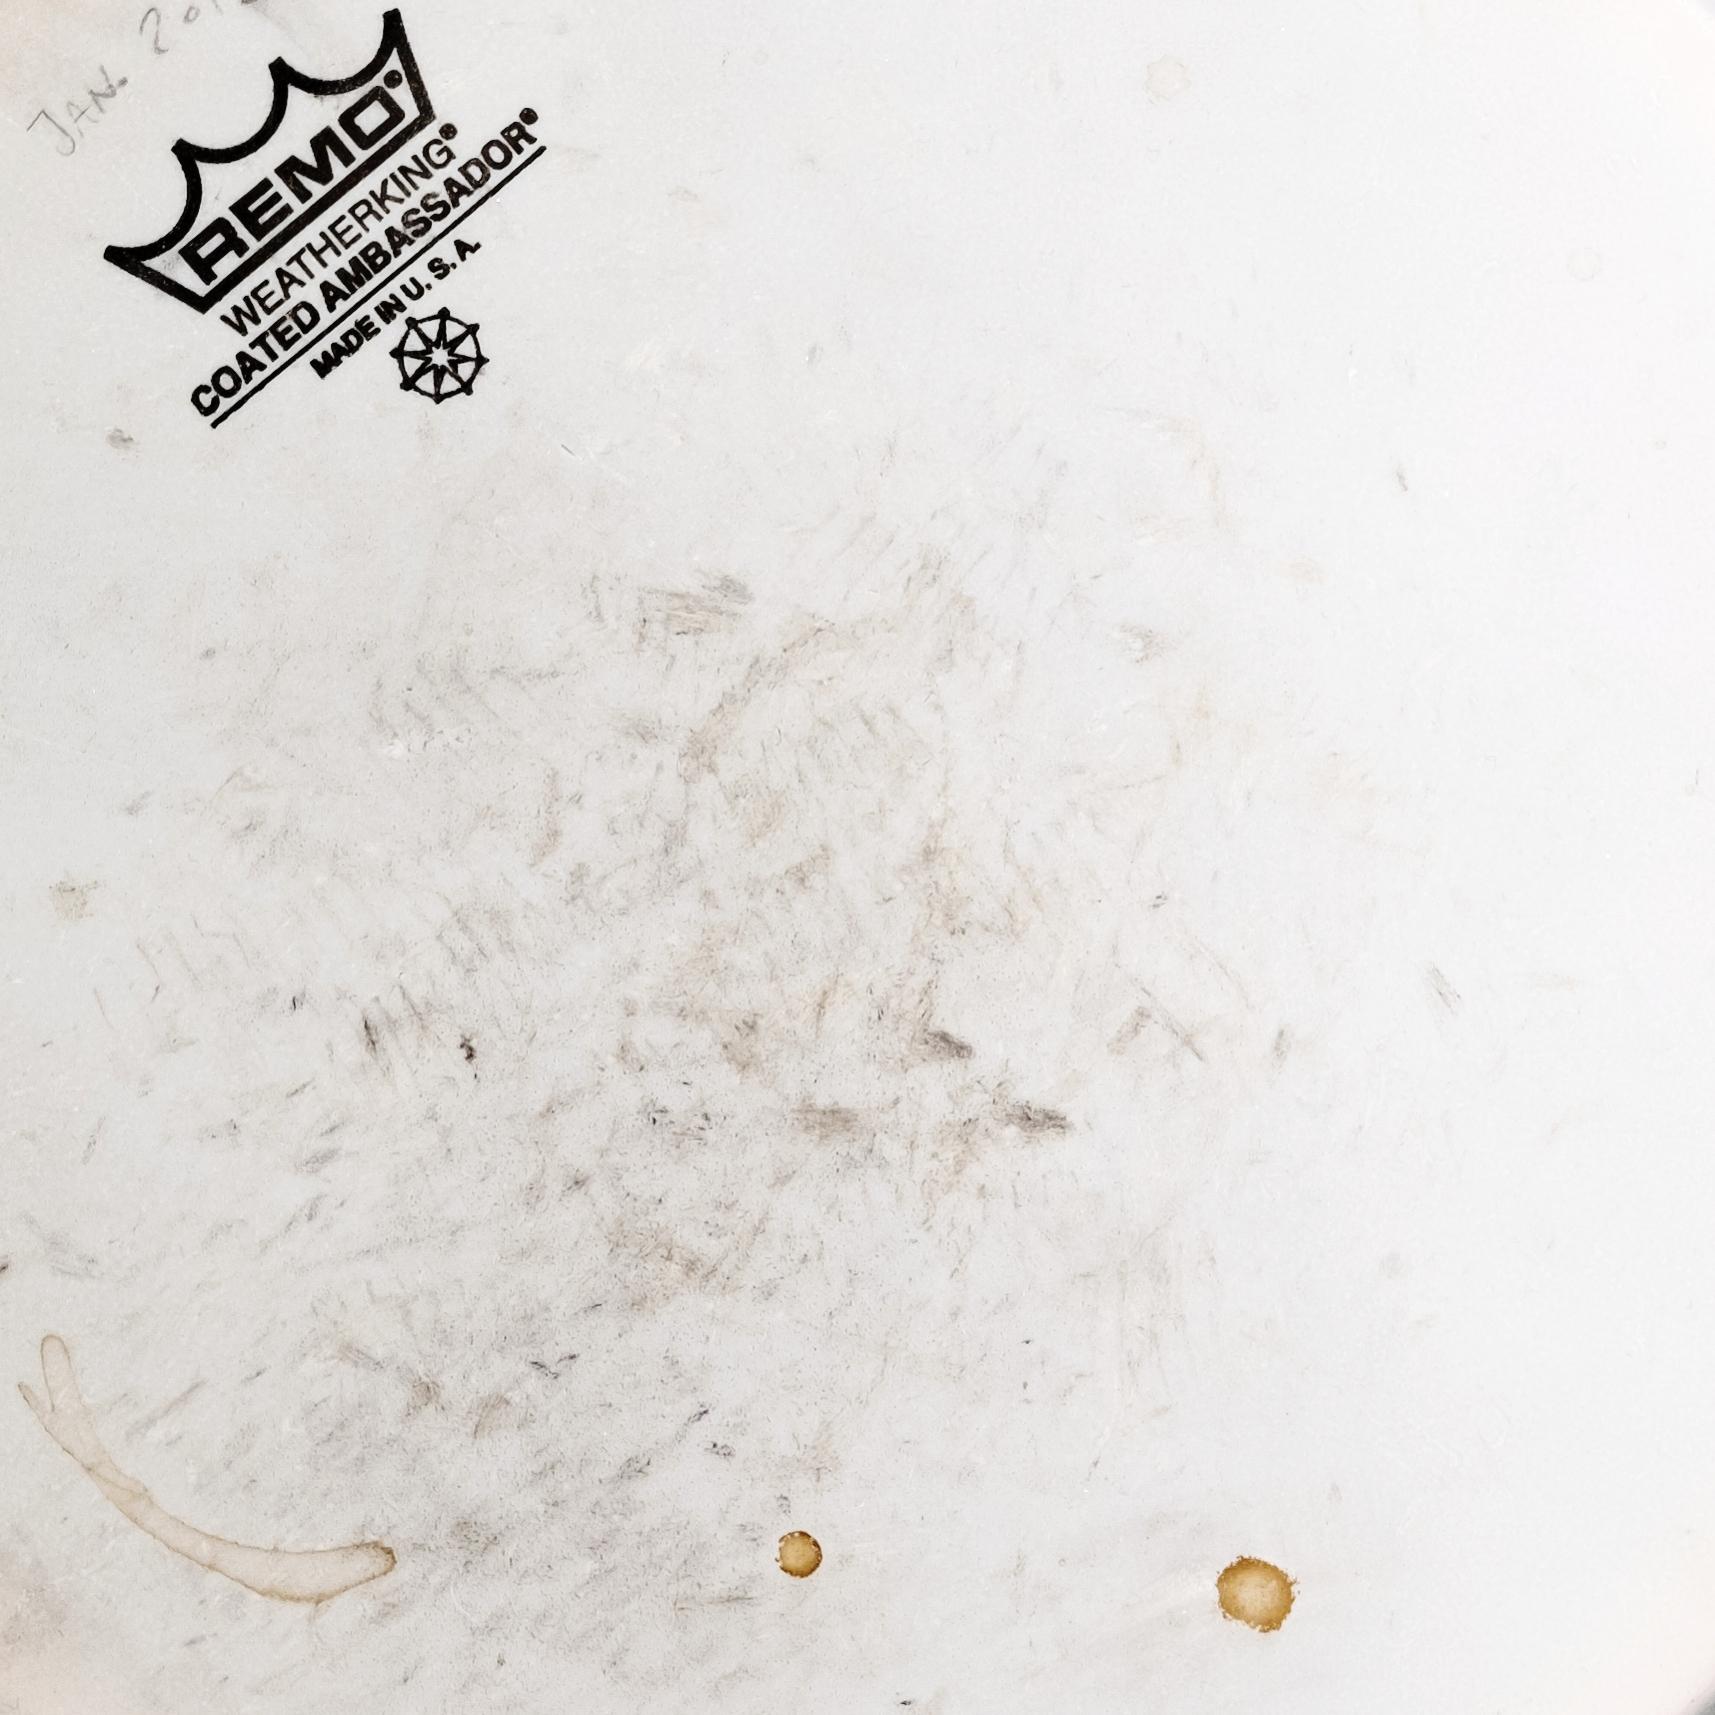 FAKTA - Sådan er det videre gået Sara Mouritzen:Hun kom ind på DET JYSKE MUSIKKONSERVATORIUM og har i 2018 spillet på ROSKILDE FESTIVAL med sangskriver GURLI OCTAVIA. Derudover spiller hun blandt andet med KARA MOON. I 2020 udgiver hun sit eget soloprojekt som sanger og sangskriver.Prøv at trykke på linket PRESSE og læs artikler om Sara.Bagefter kan I prøve at google jer frem og finde noget ny musik med hende.